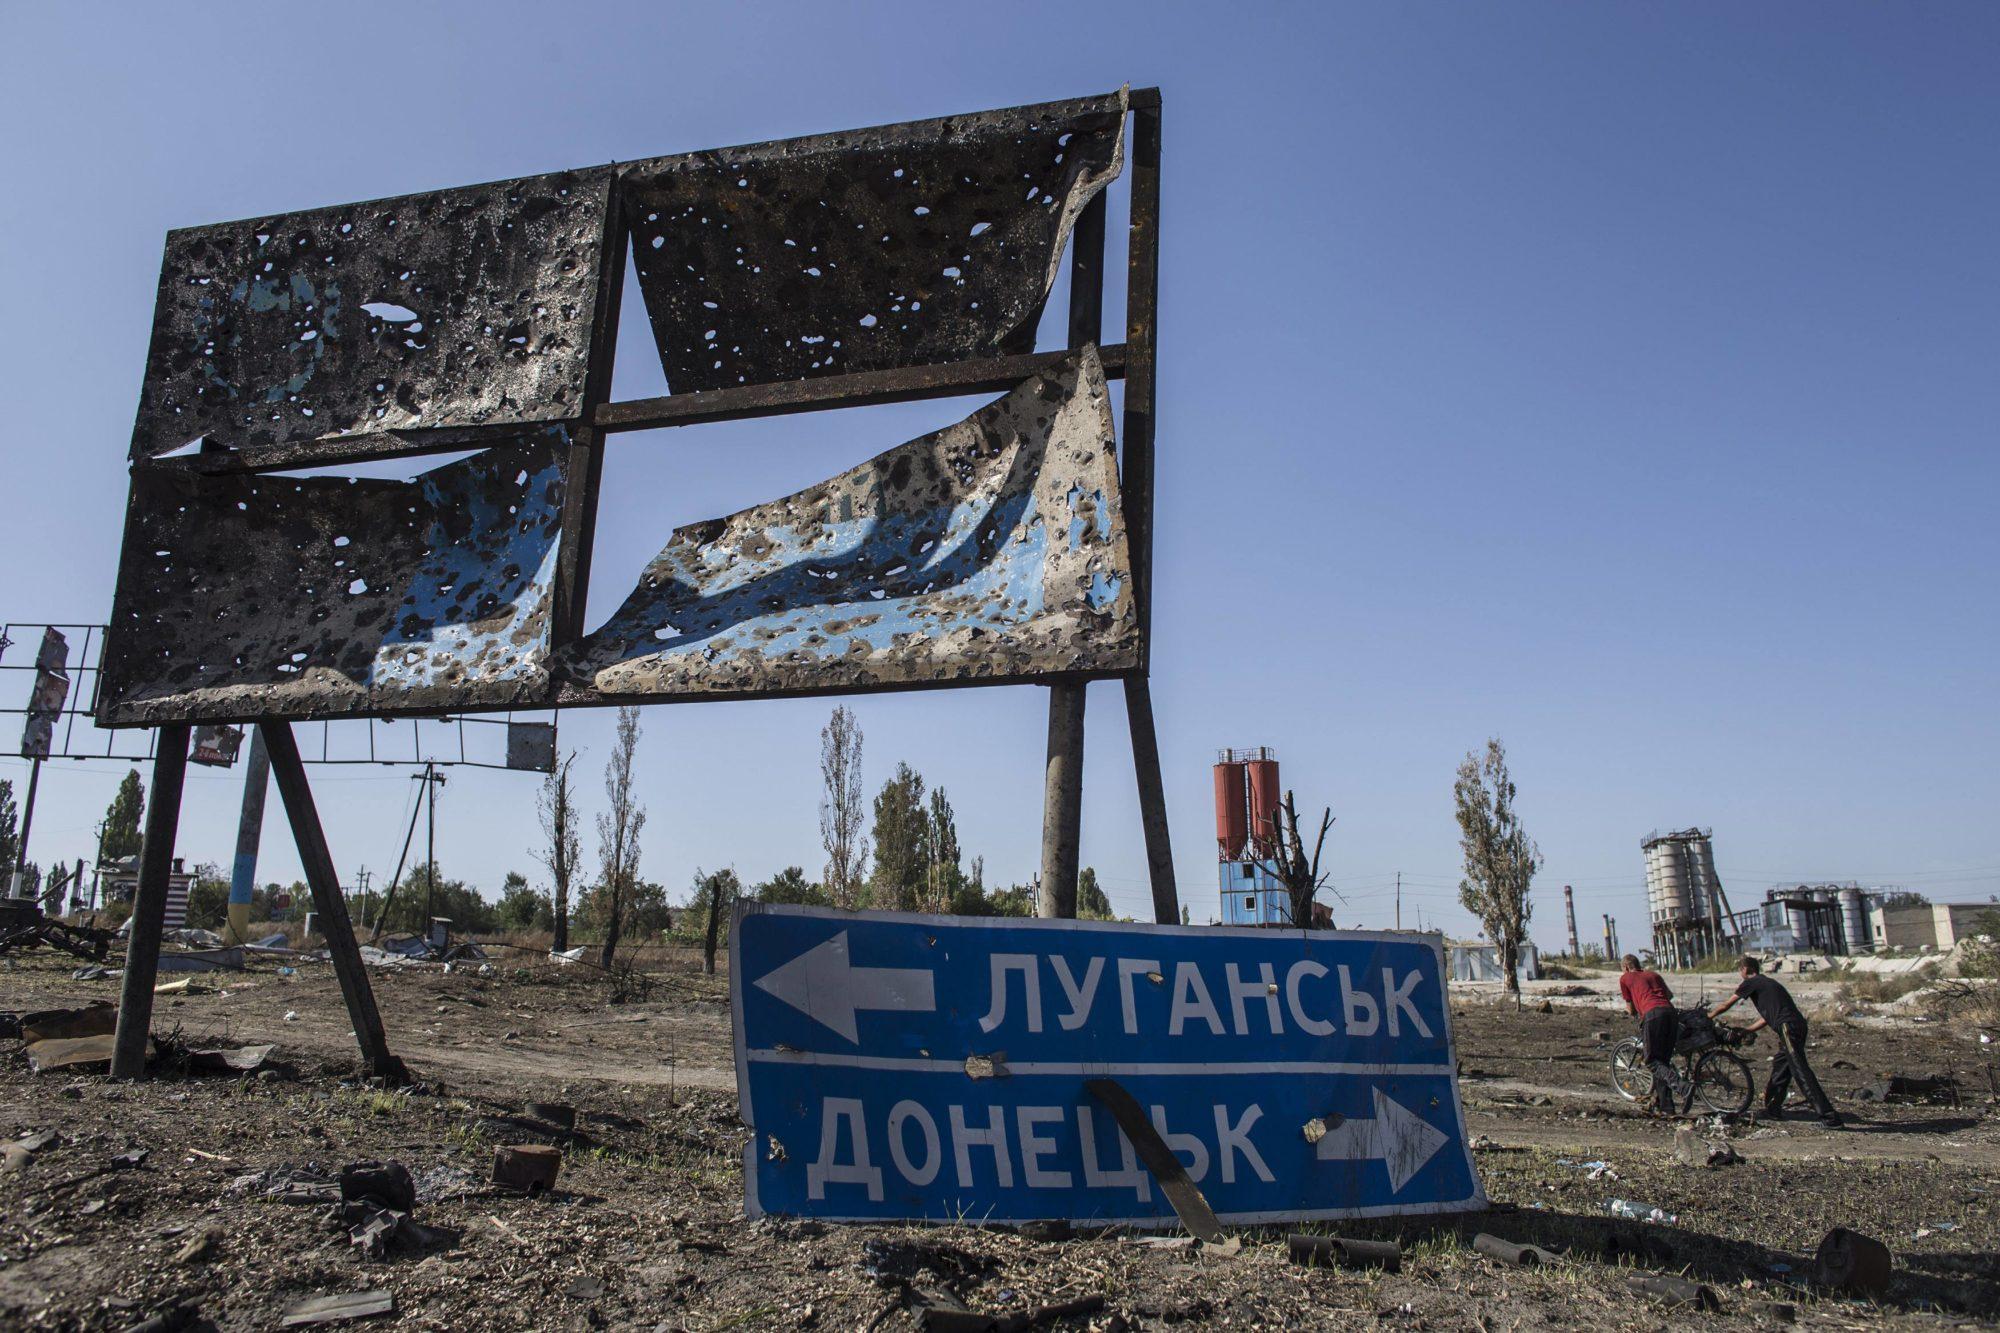 В Україні з'явився відділ у справах про небойові втрати на Донбасі -  - kUaf0pwY1CPRcmHn9fcAy65BkZlbmqWT 2000x1333